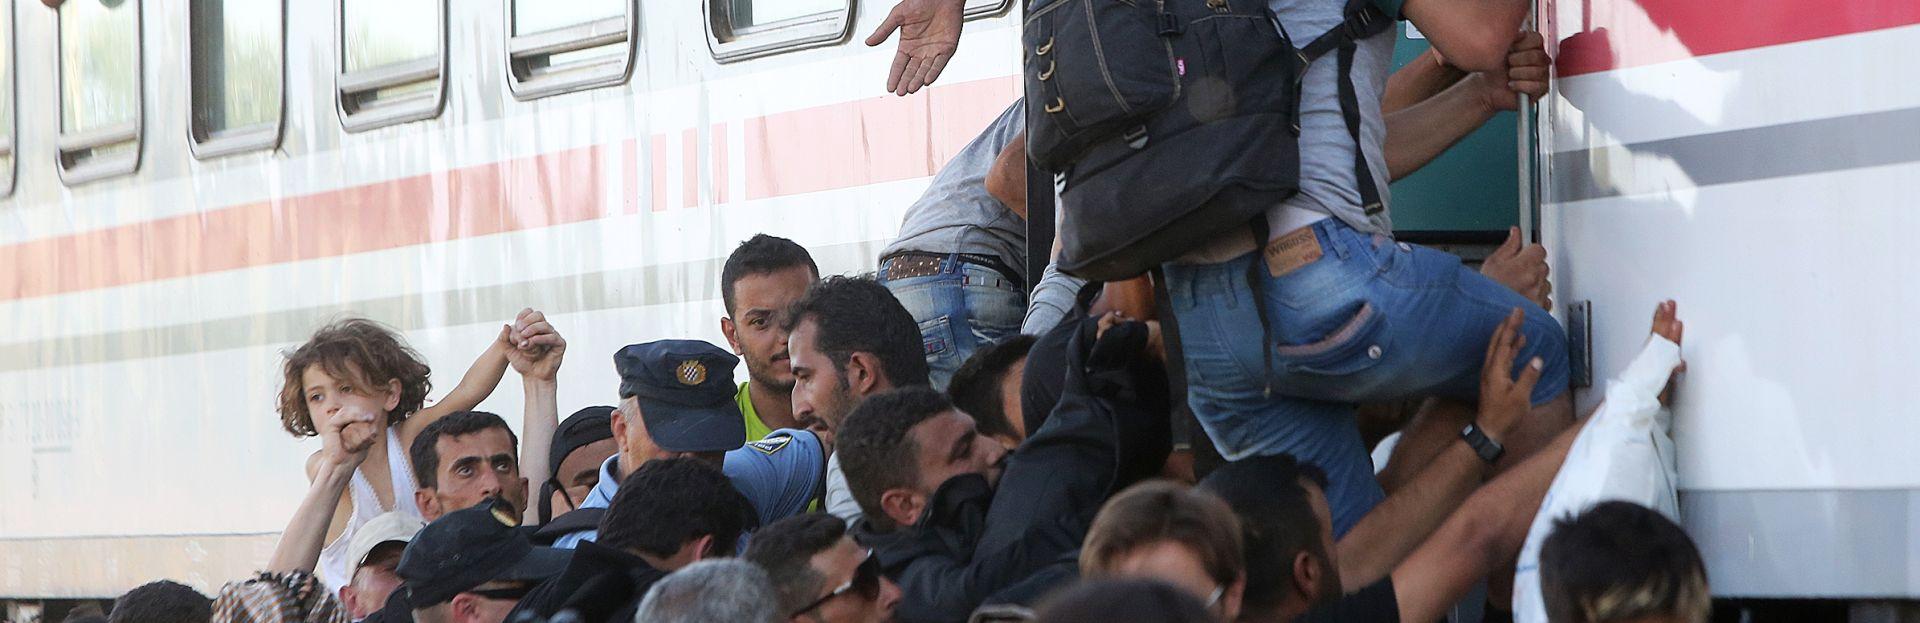 Prvi izbjeglice iz Hrvatske stigli u Austriju